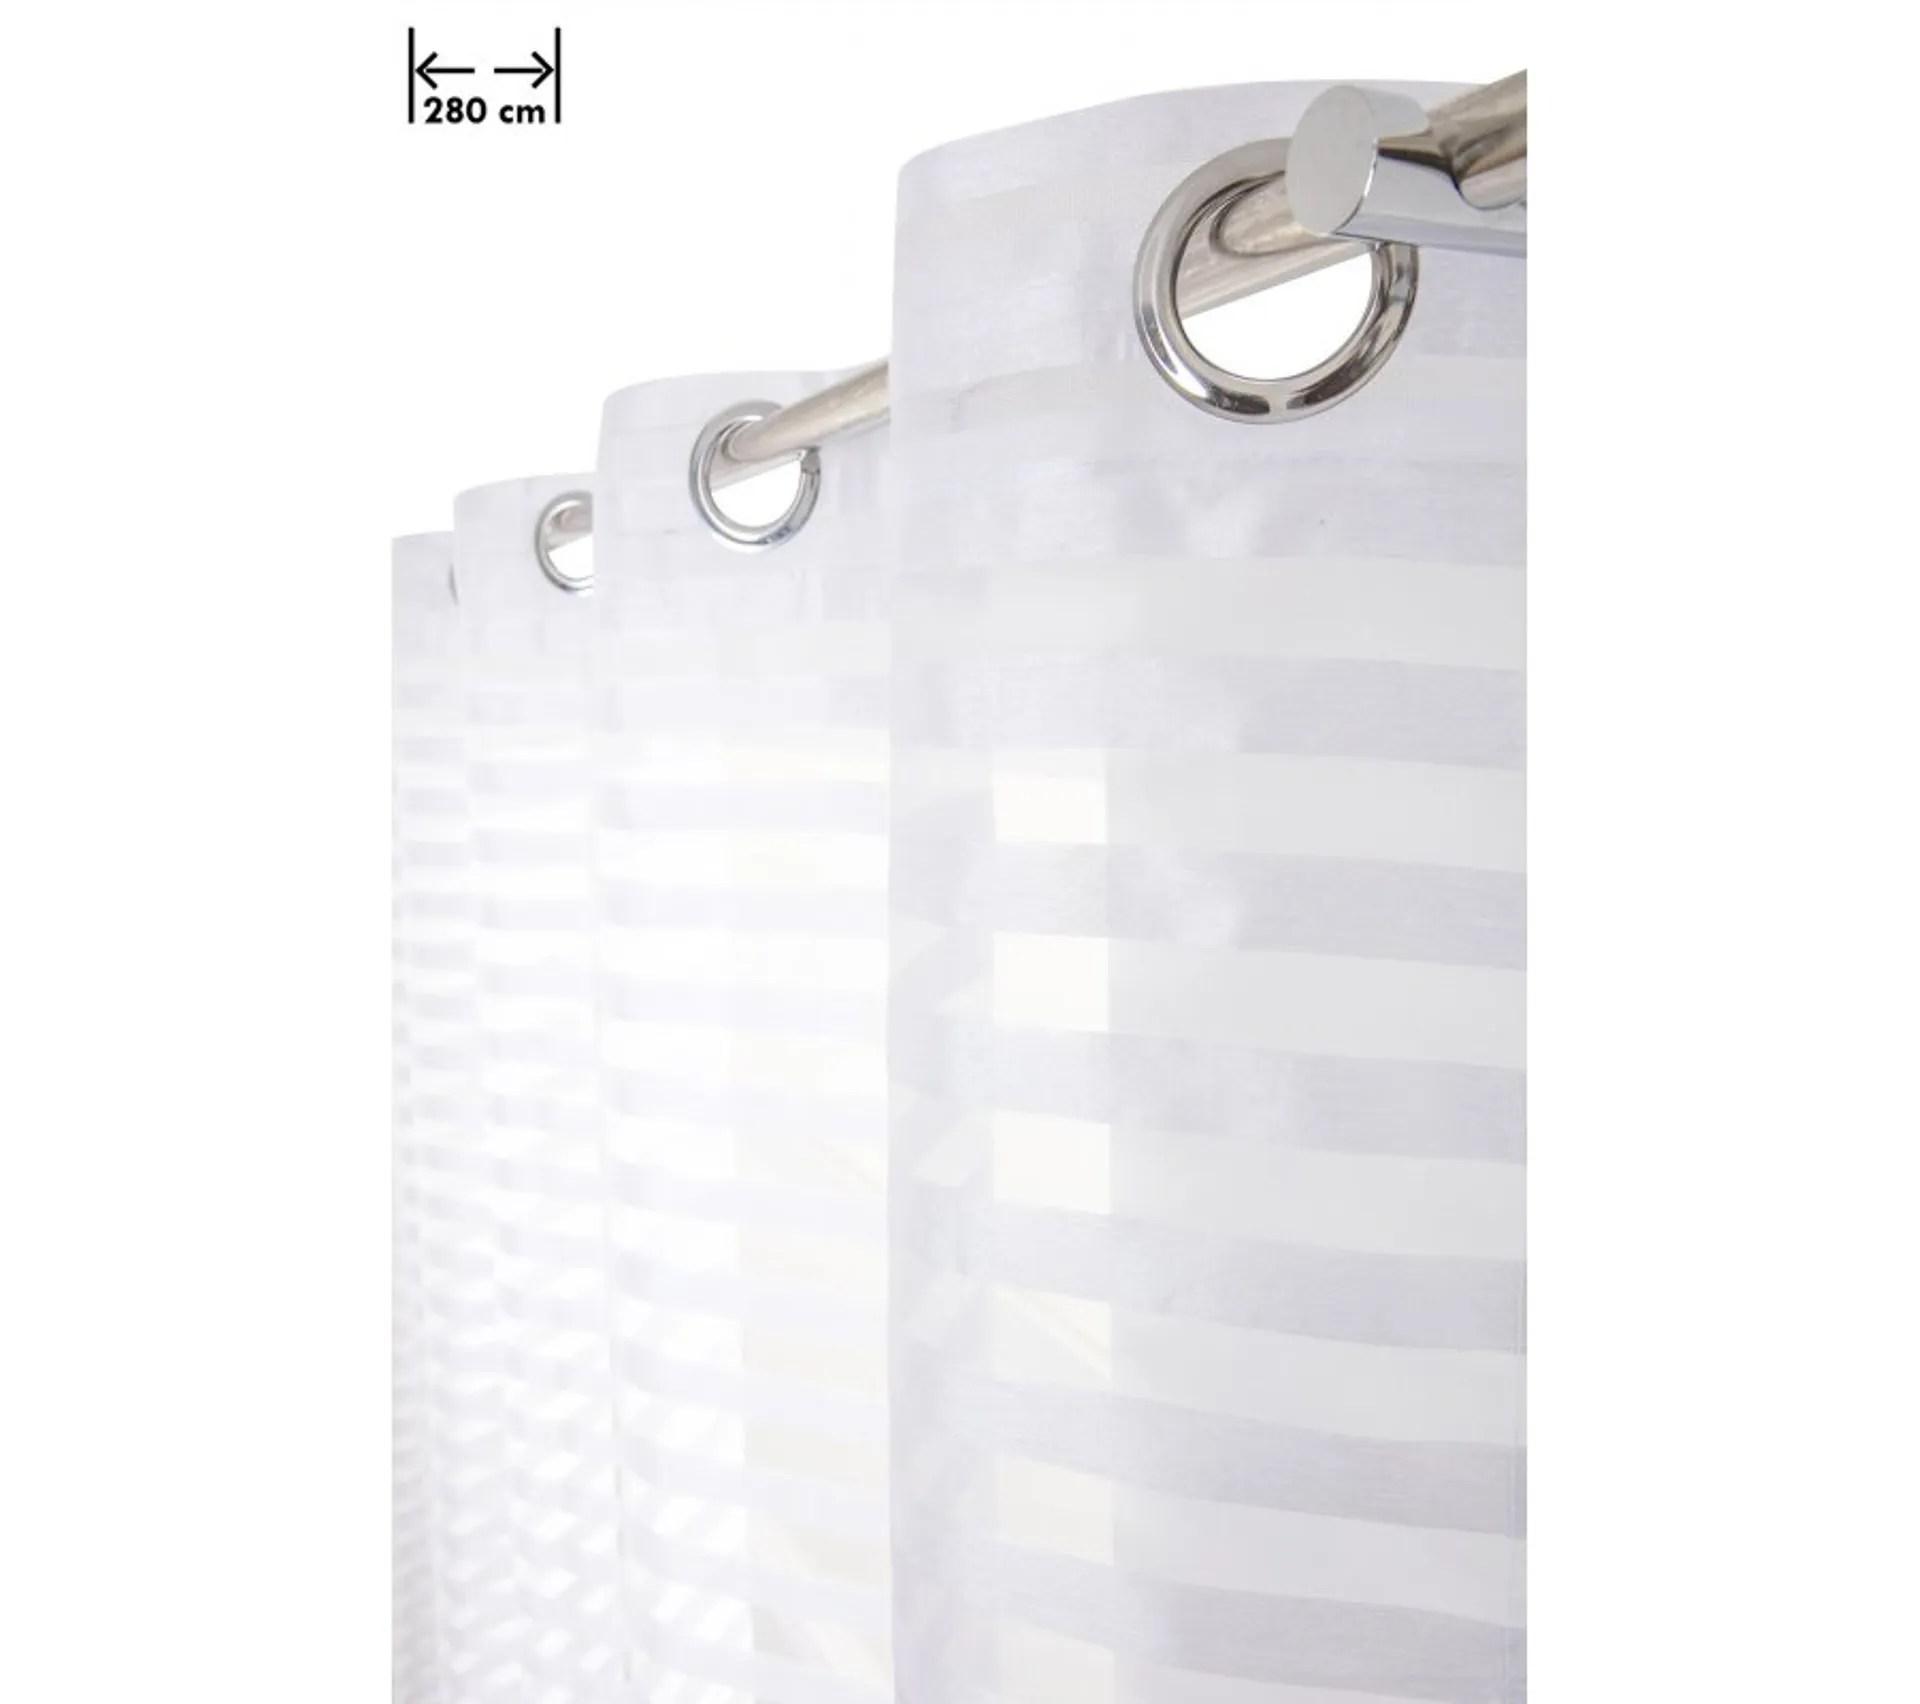 voilage 280 x 160 cm grande largeur rayures horizontales bandes aspect soie blanc